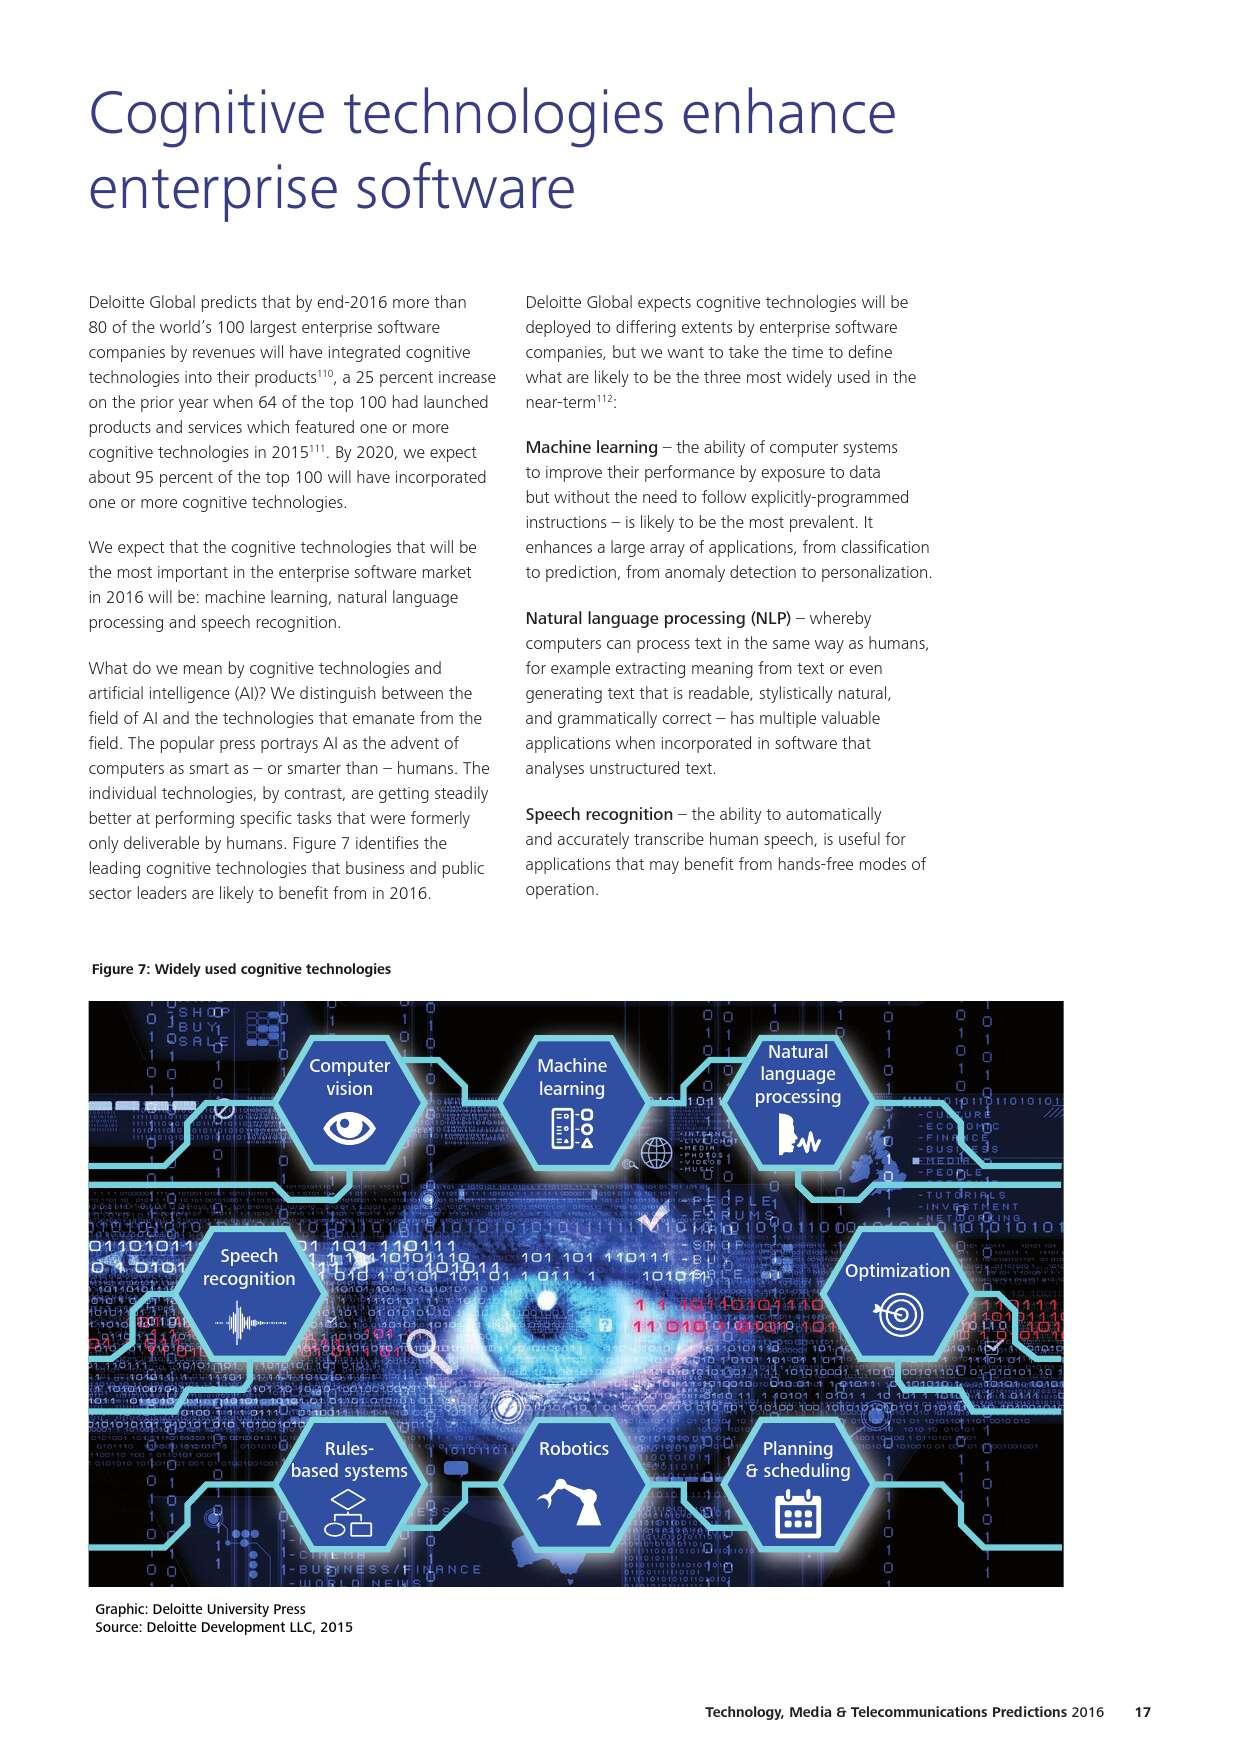 德勤:2016科技、传媒和电信行业预测_000019